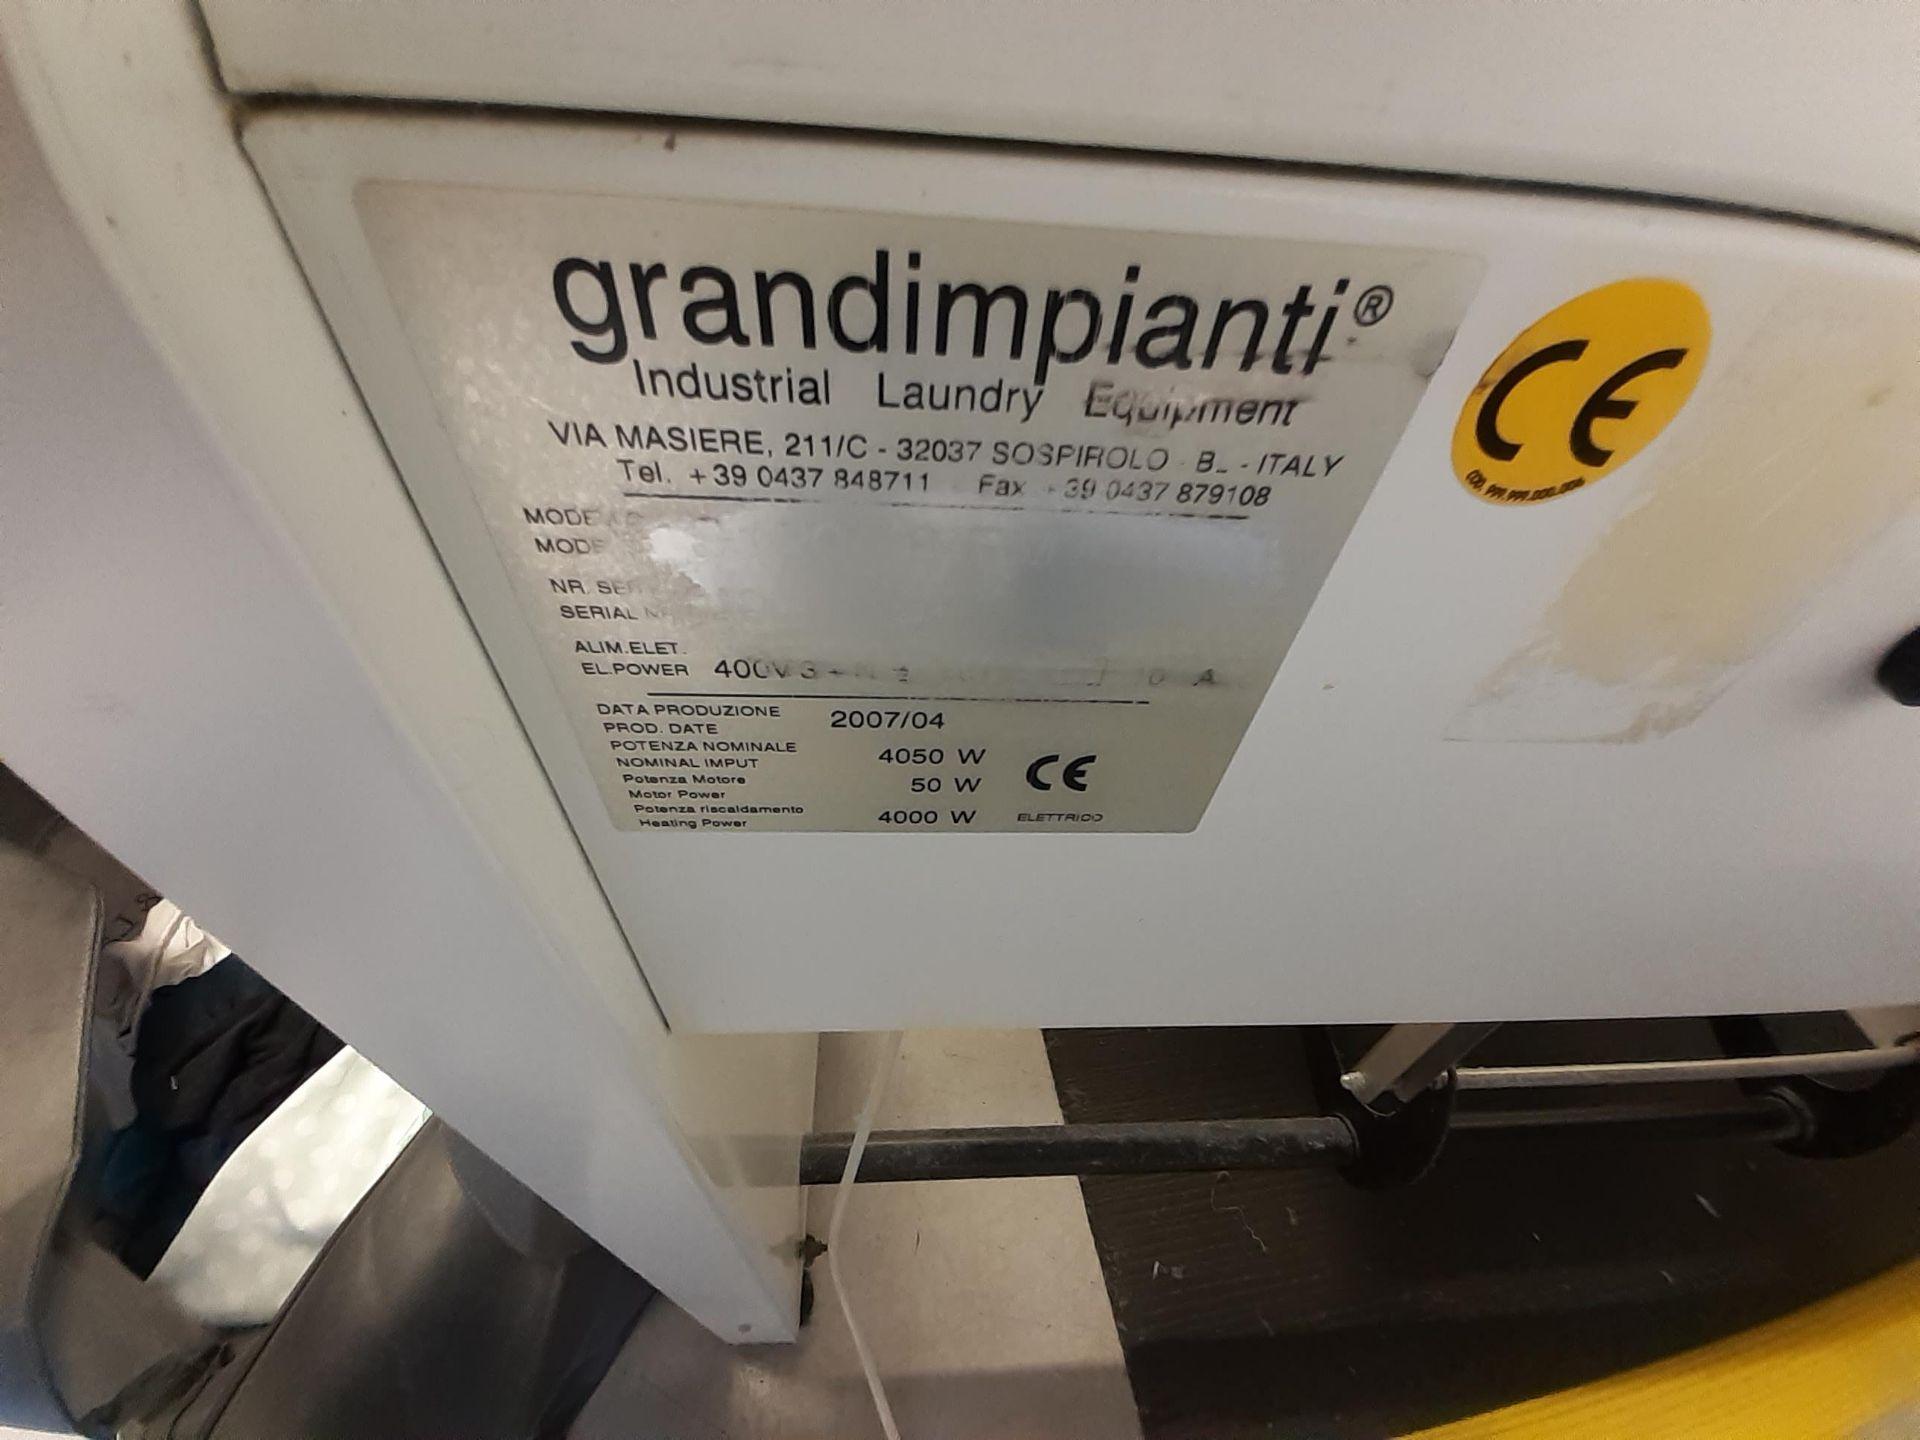 Grandimpianti Rotary Iron (2007) - Image 3 of 3